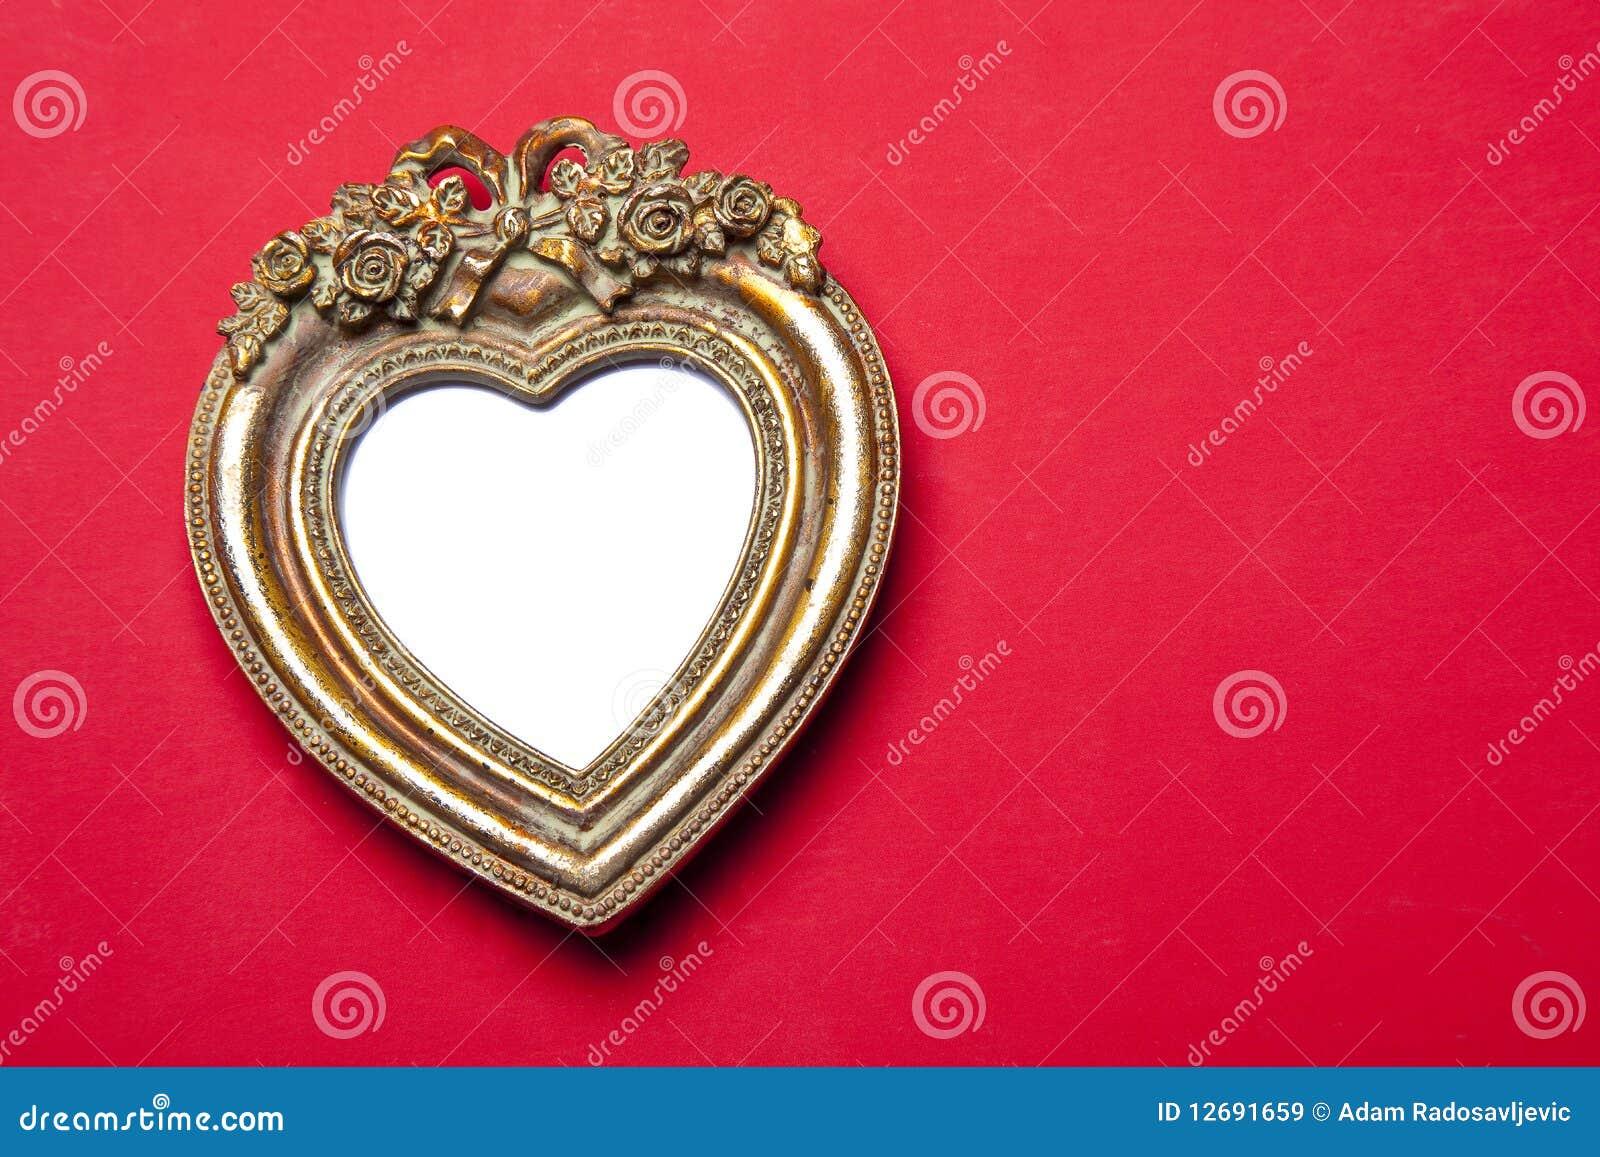 Marco del corazón del oro en rojo